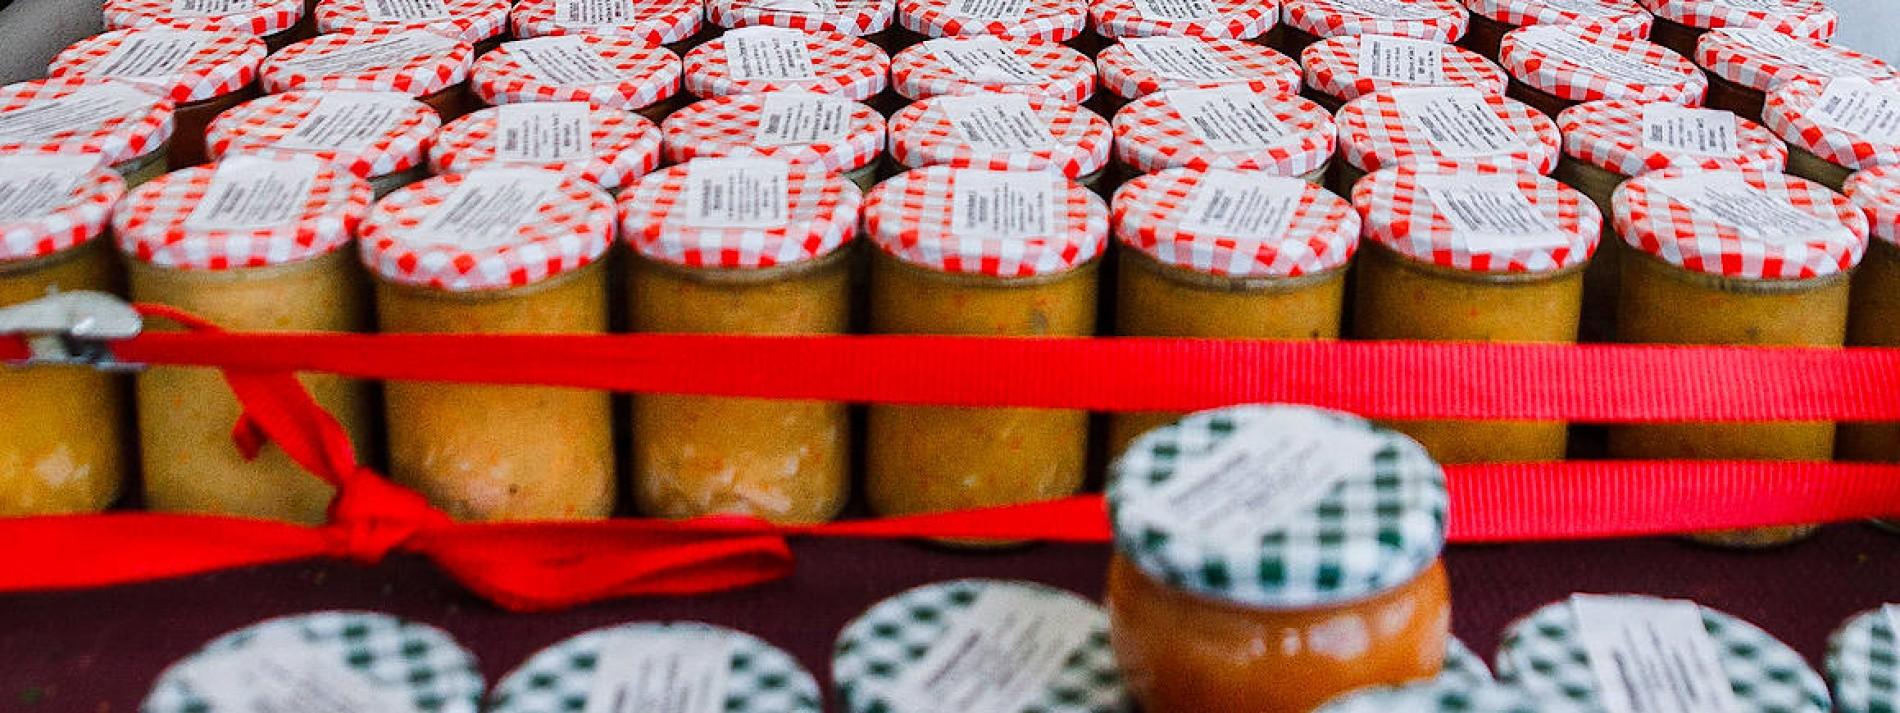 Vereinigte Staaten verhängen Strafzölle auf deutsche Marmelade